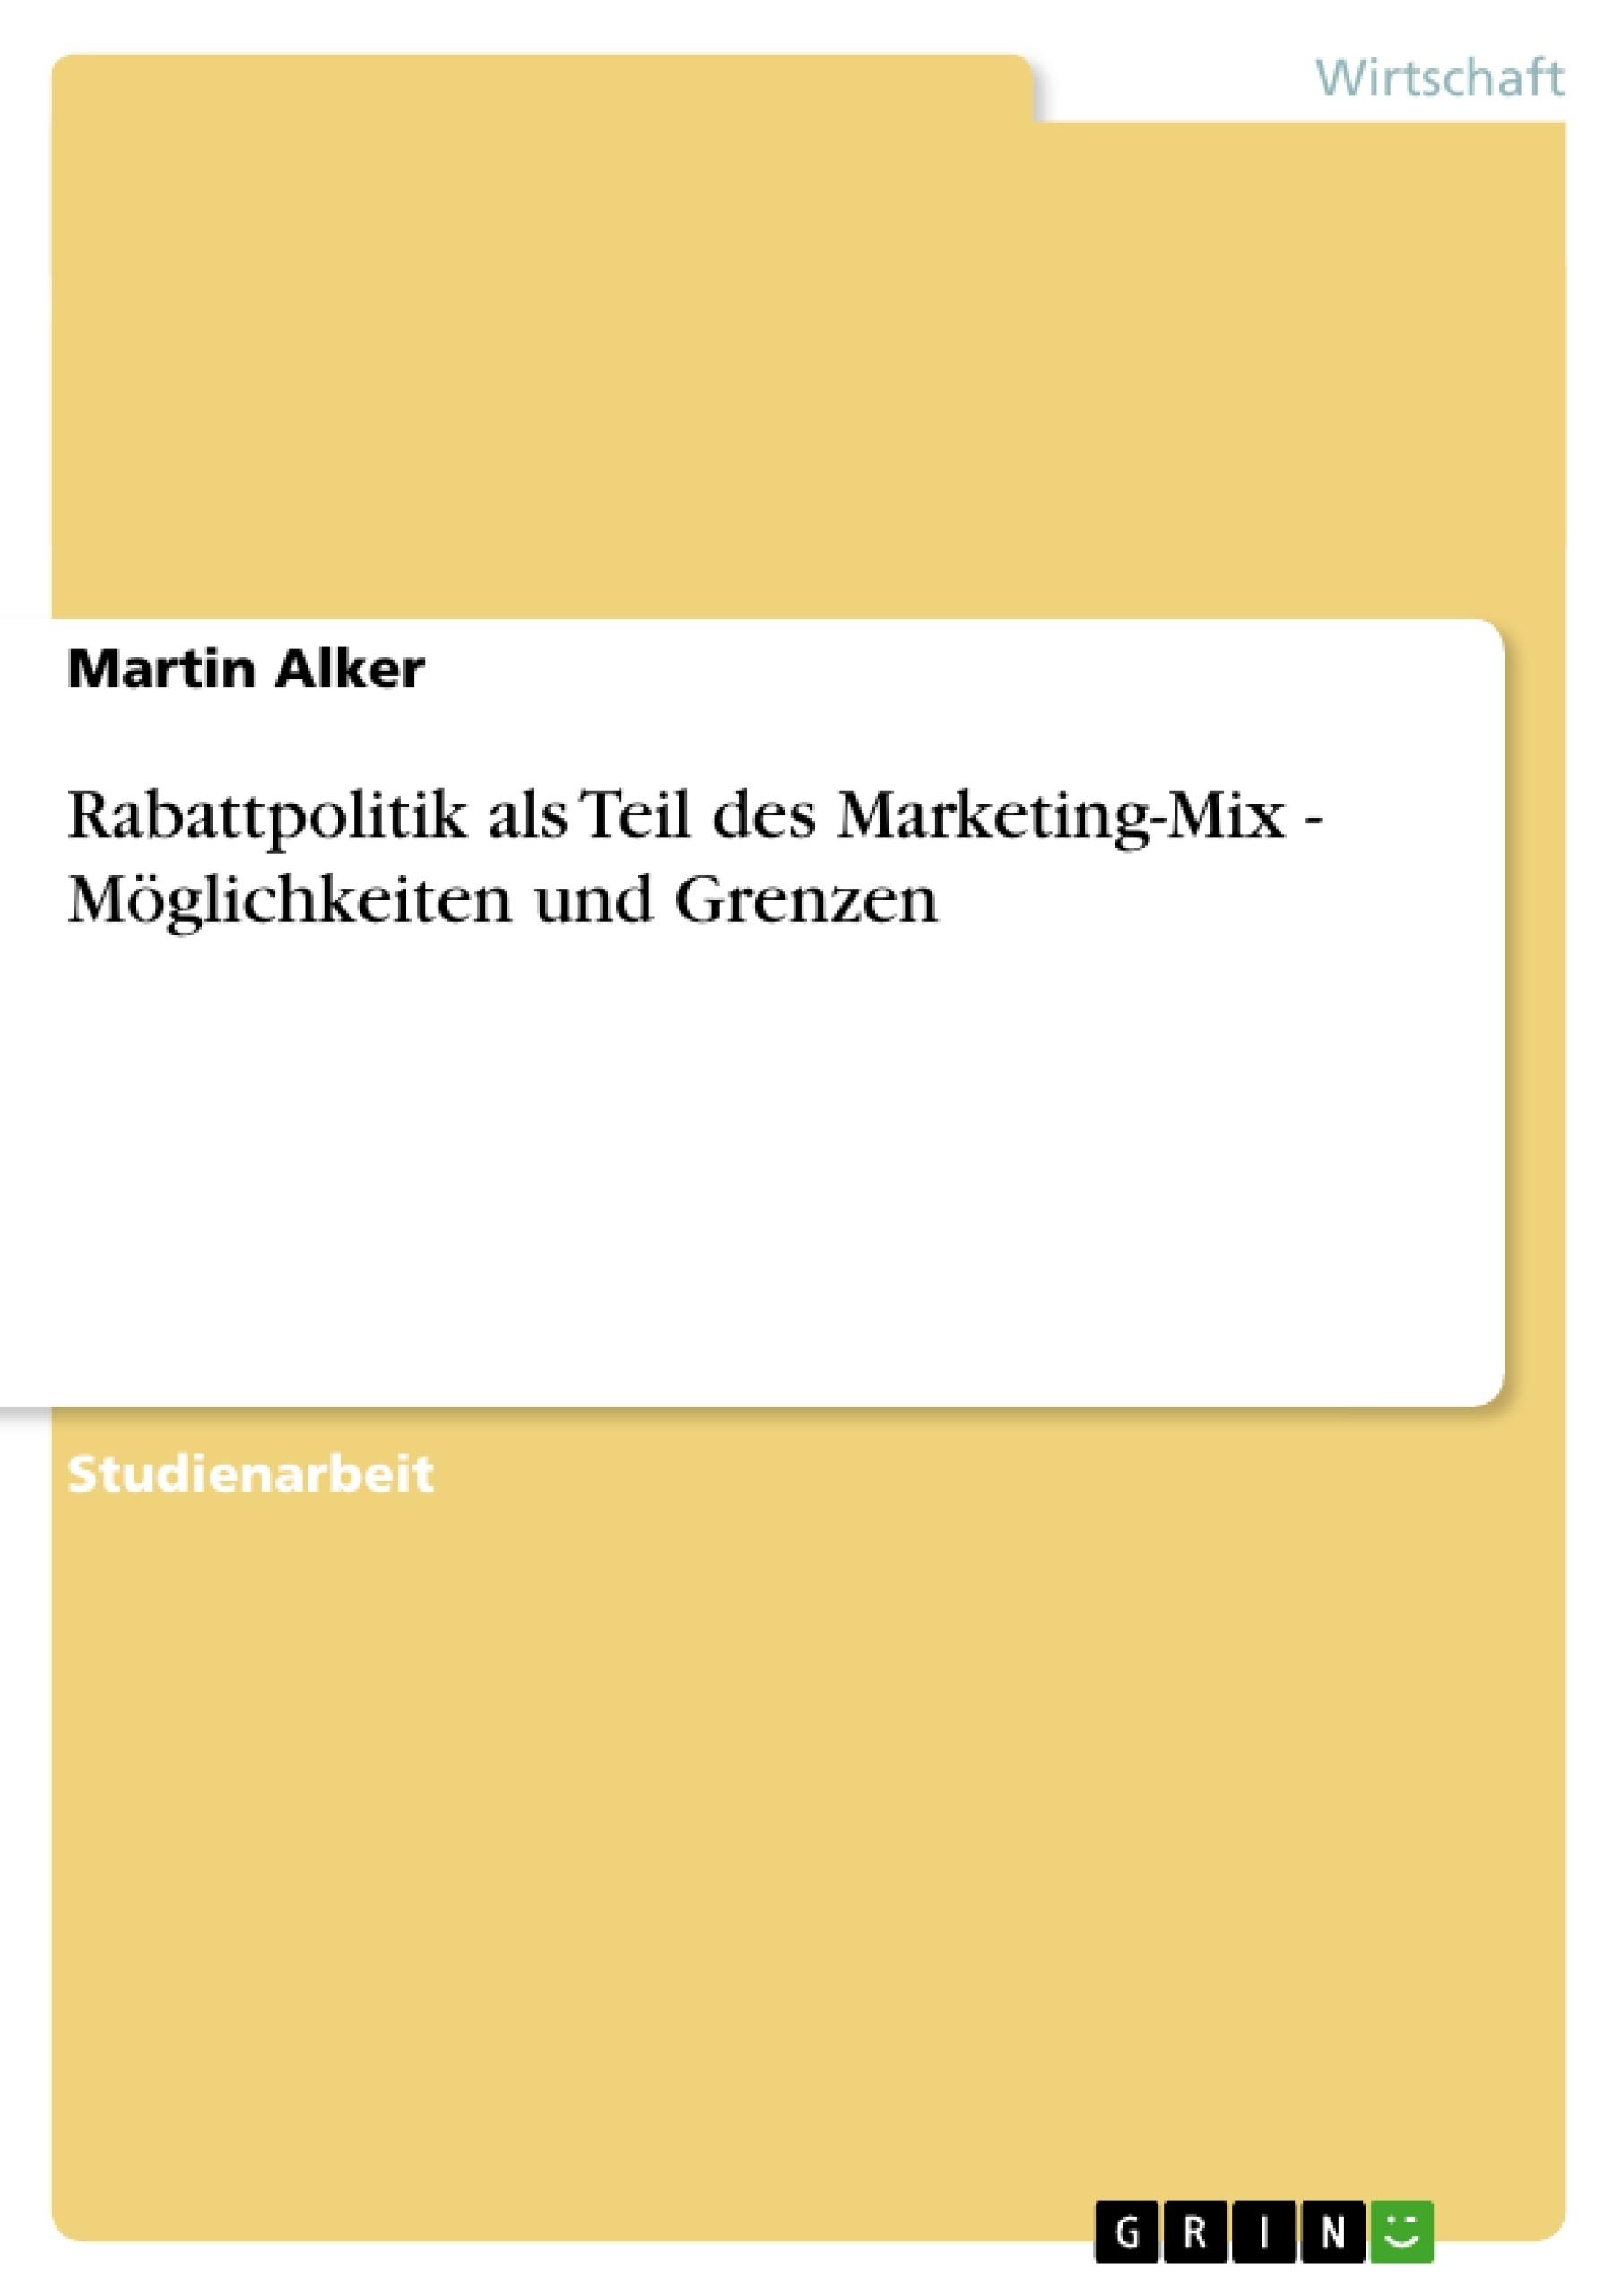 Titel: Rabattpolitik als Teil des Marketing-Mix - Möglichkeiten und Grenzen